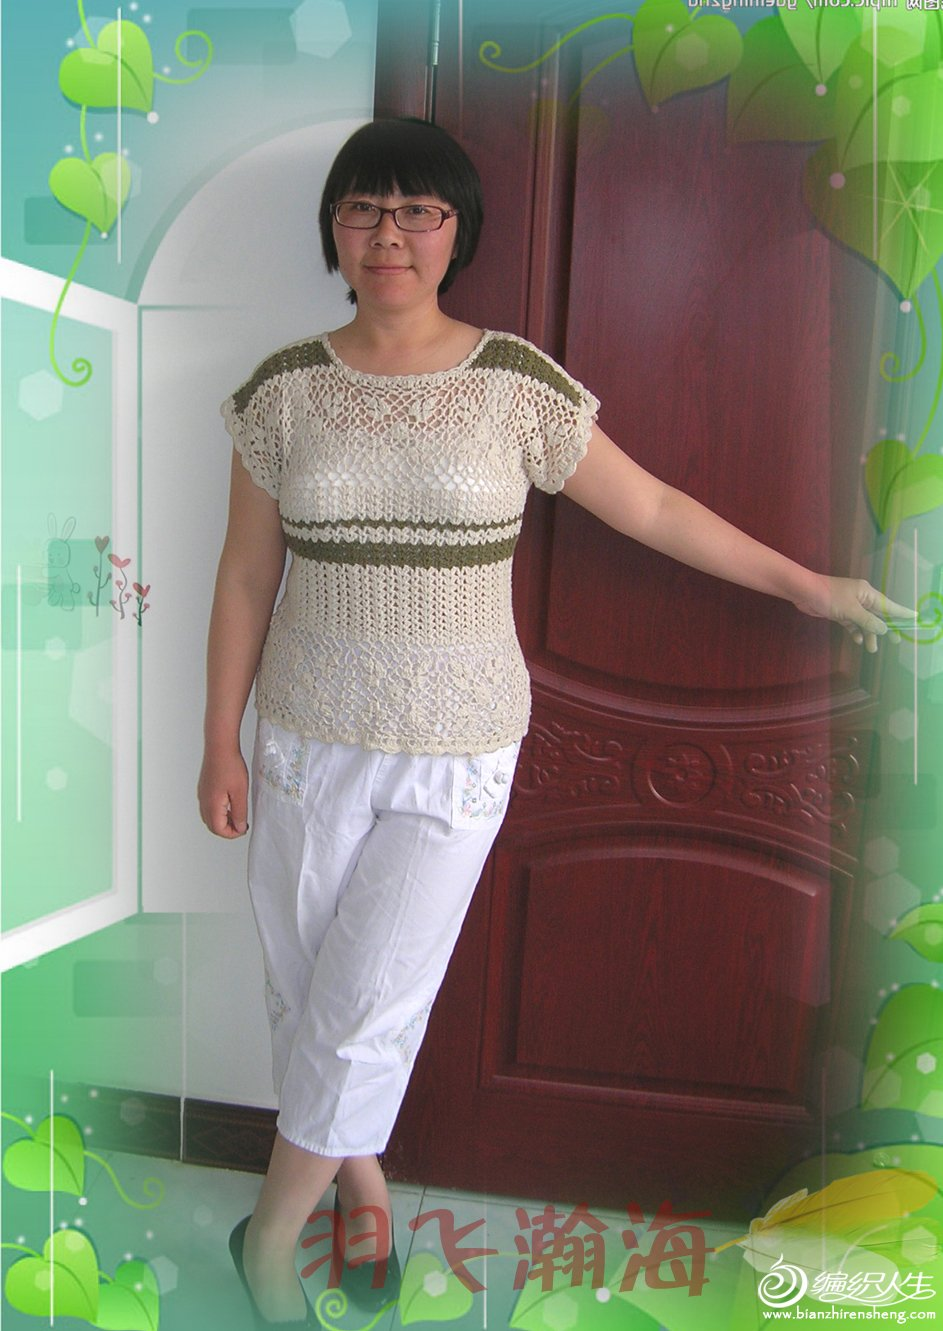 仿上海服饰2.jpg